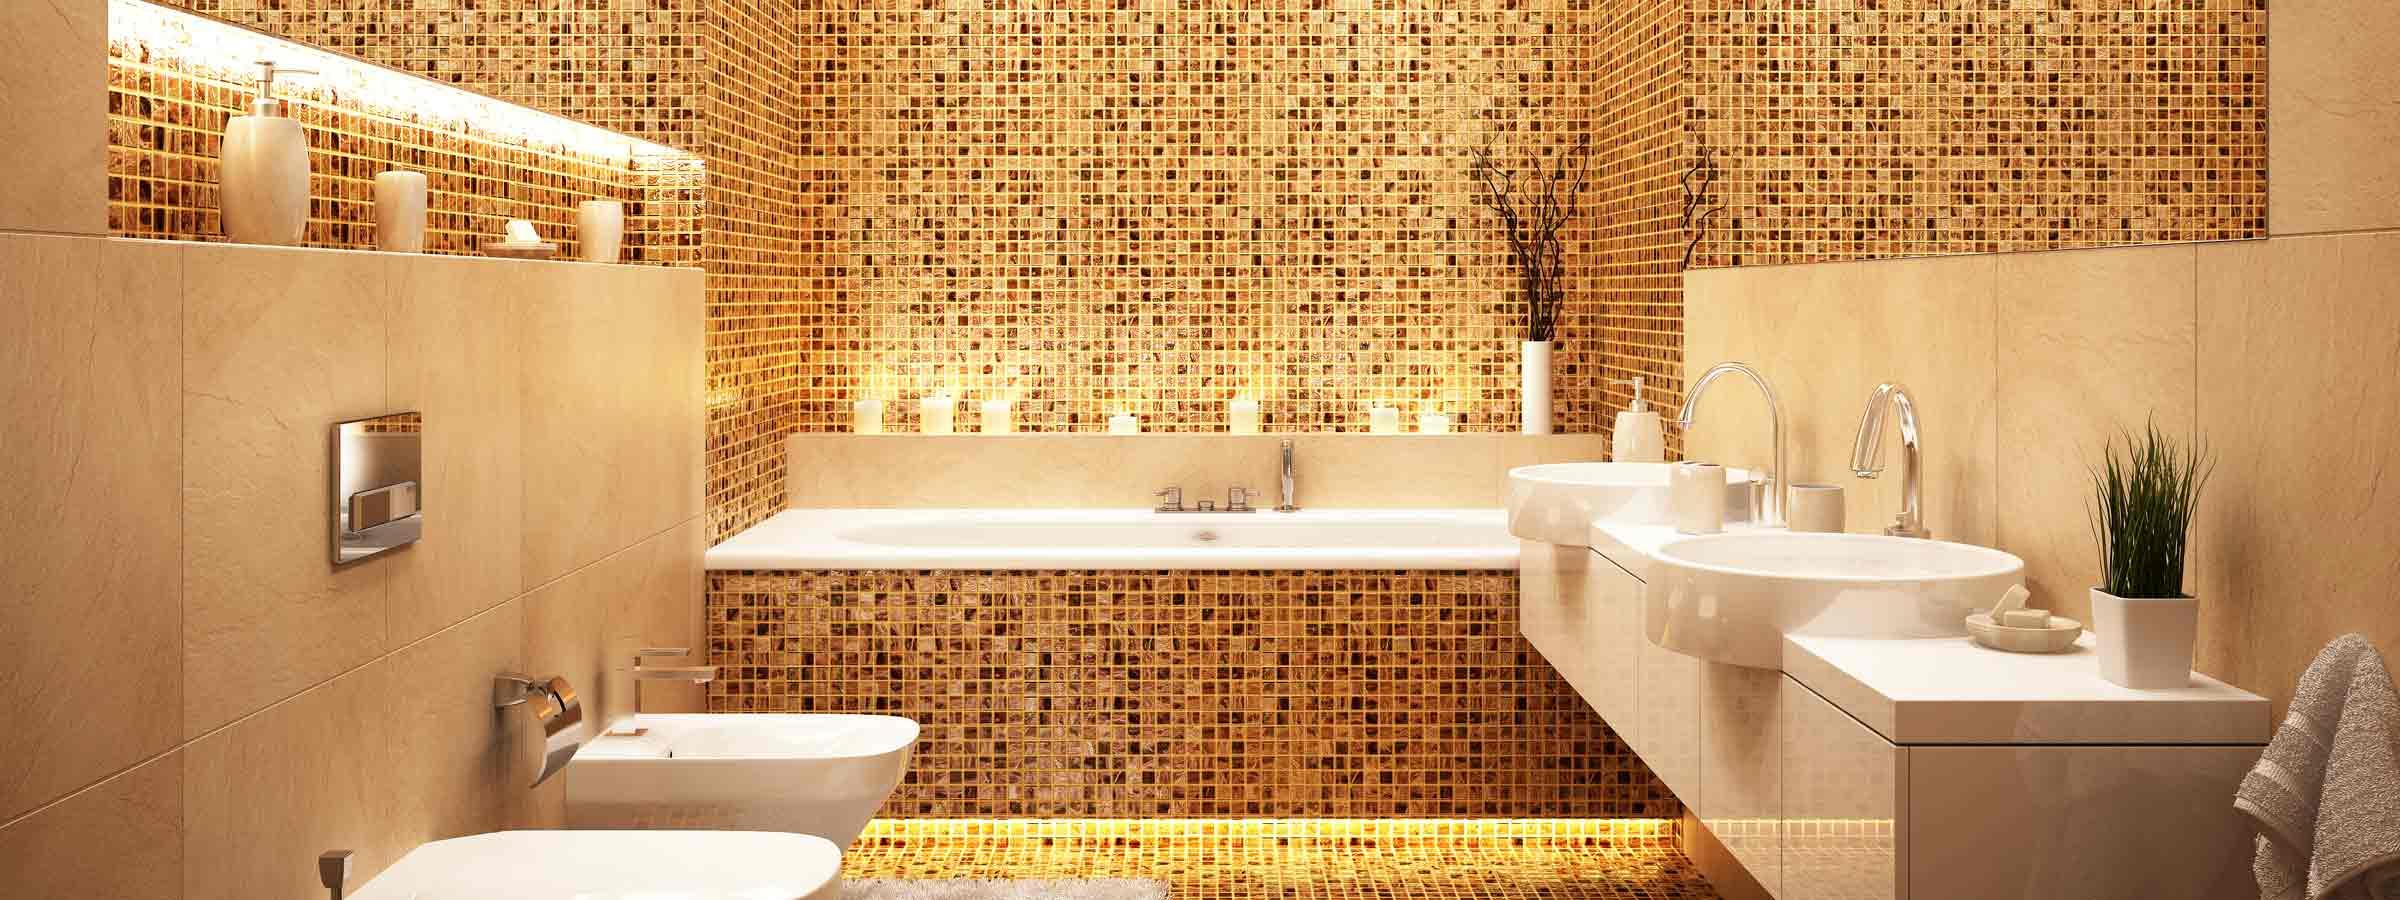 Bagno piastrellato con bvasca al centro, sulla sinistra wc e bidet e sulla destra doppio lavabo e specchio.